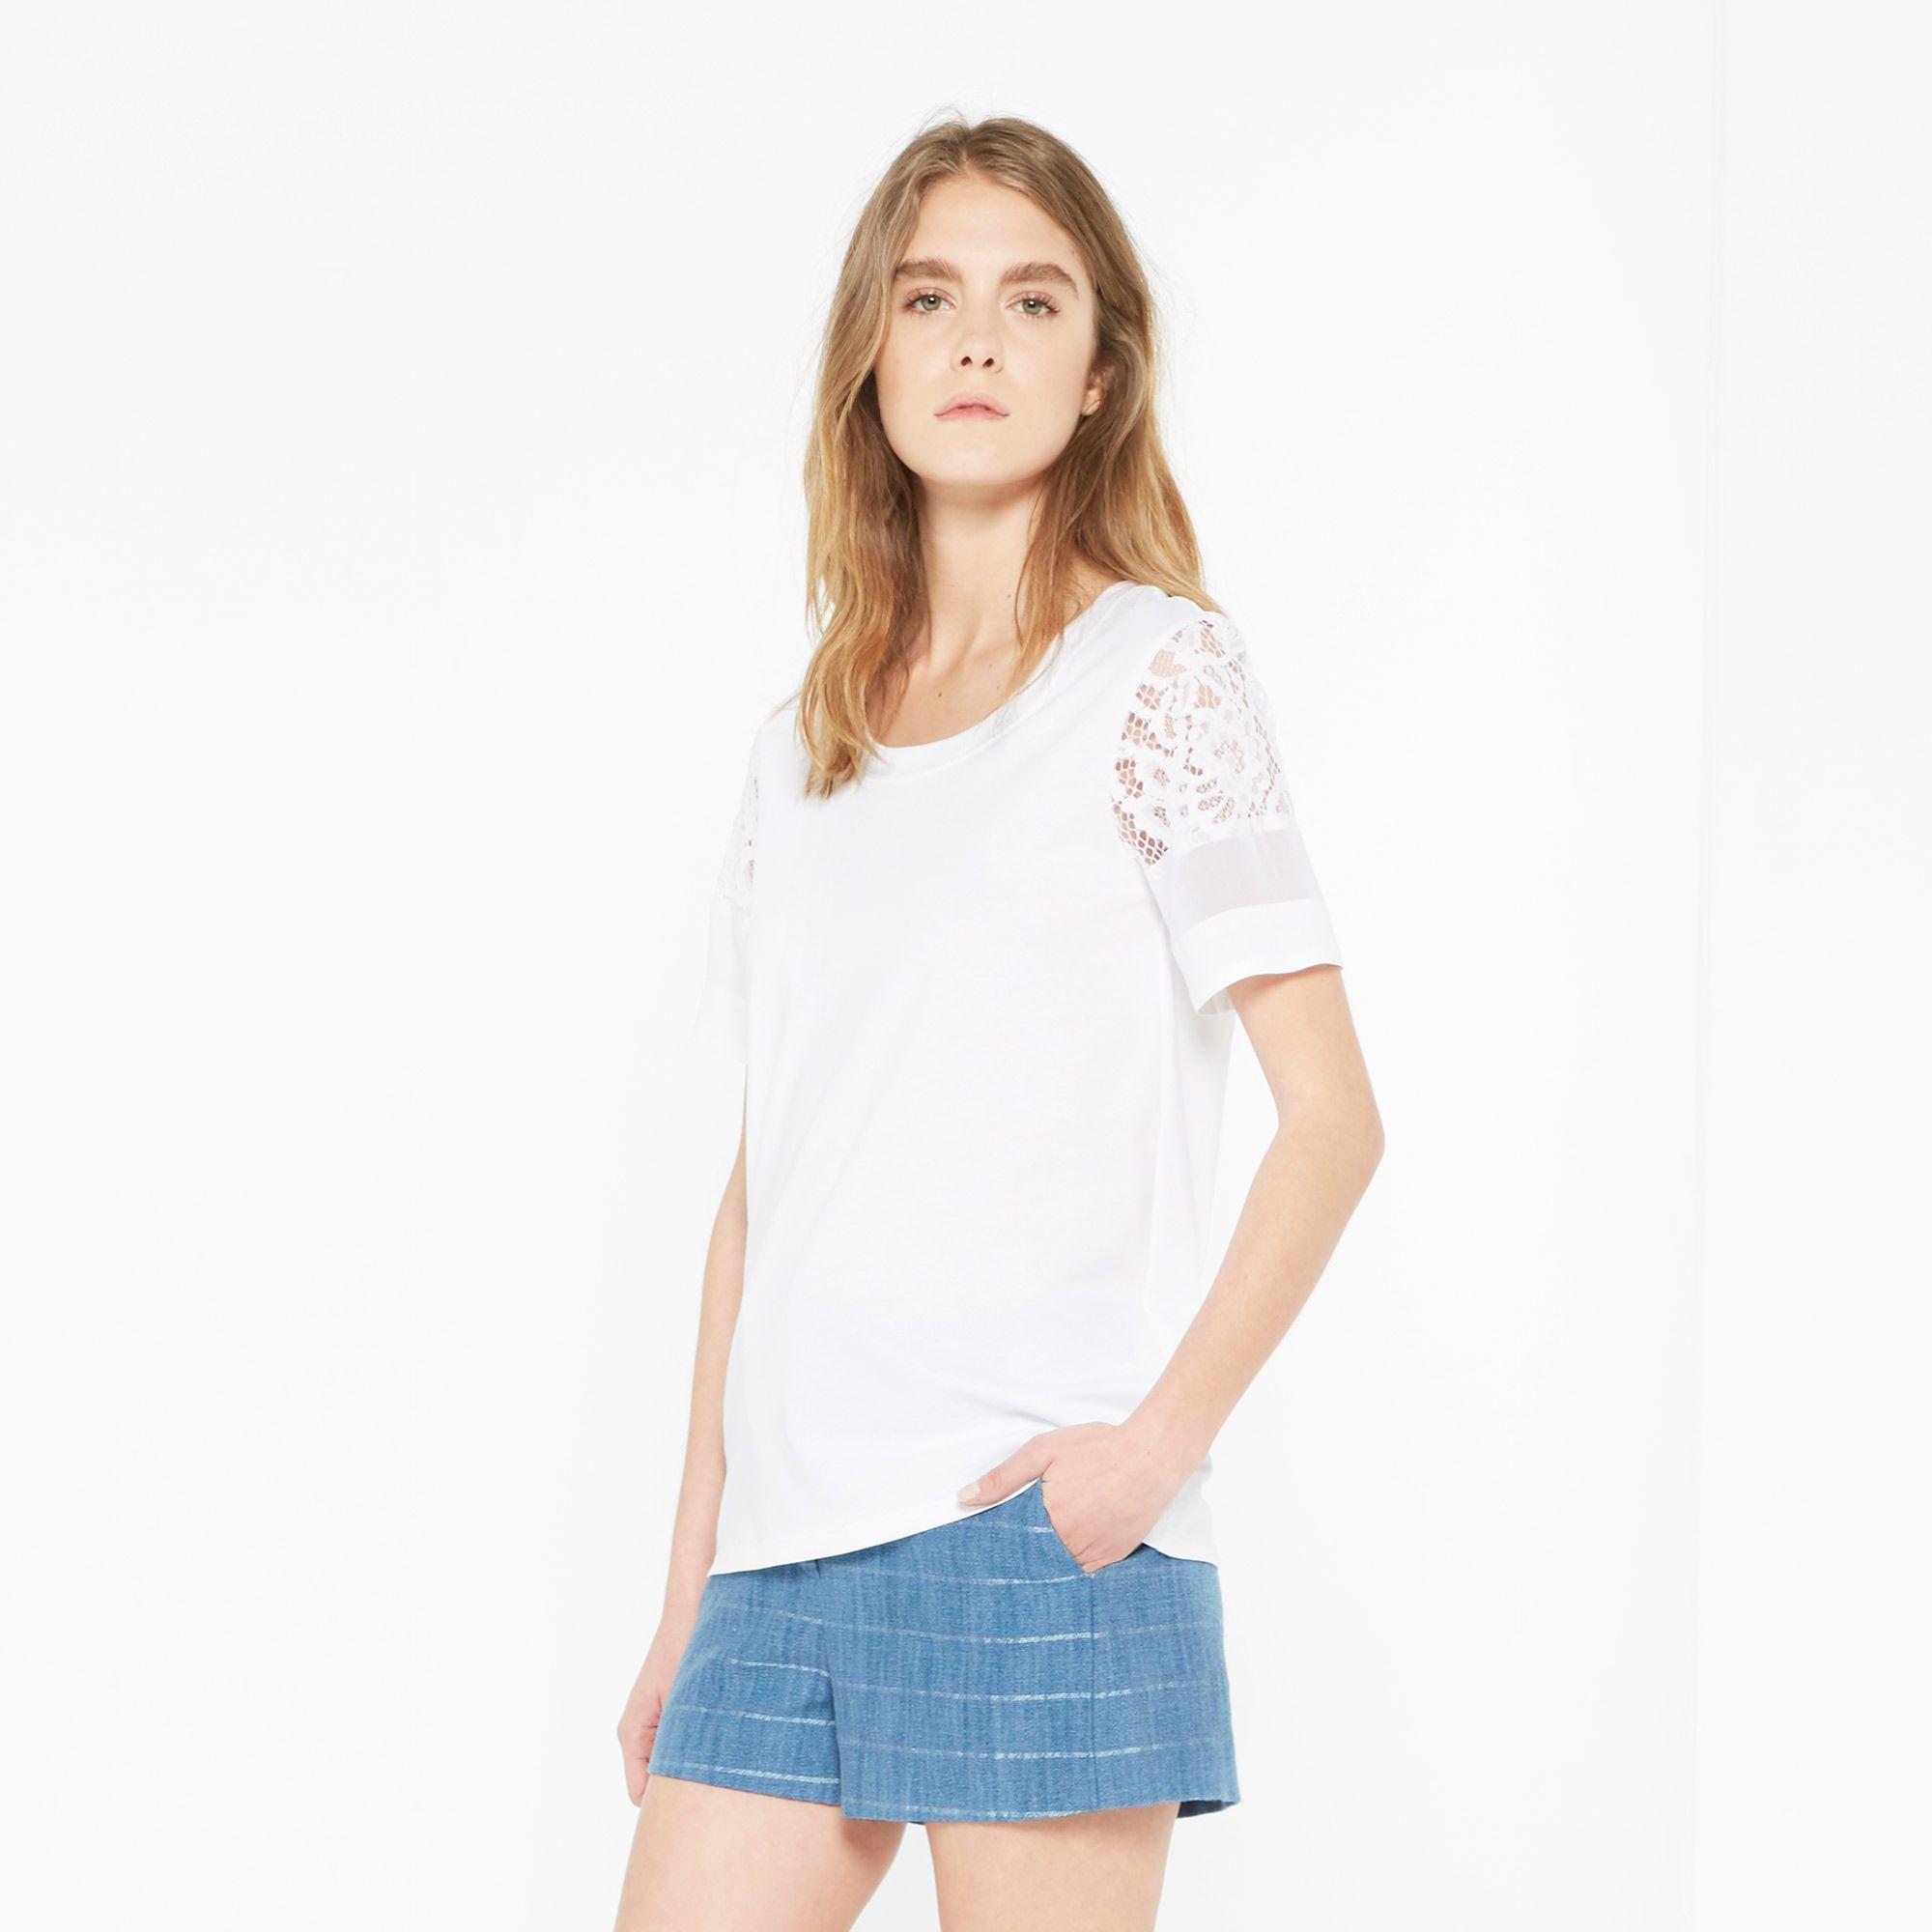 Toti - T-shirts - Sandro-paris.com